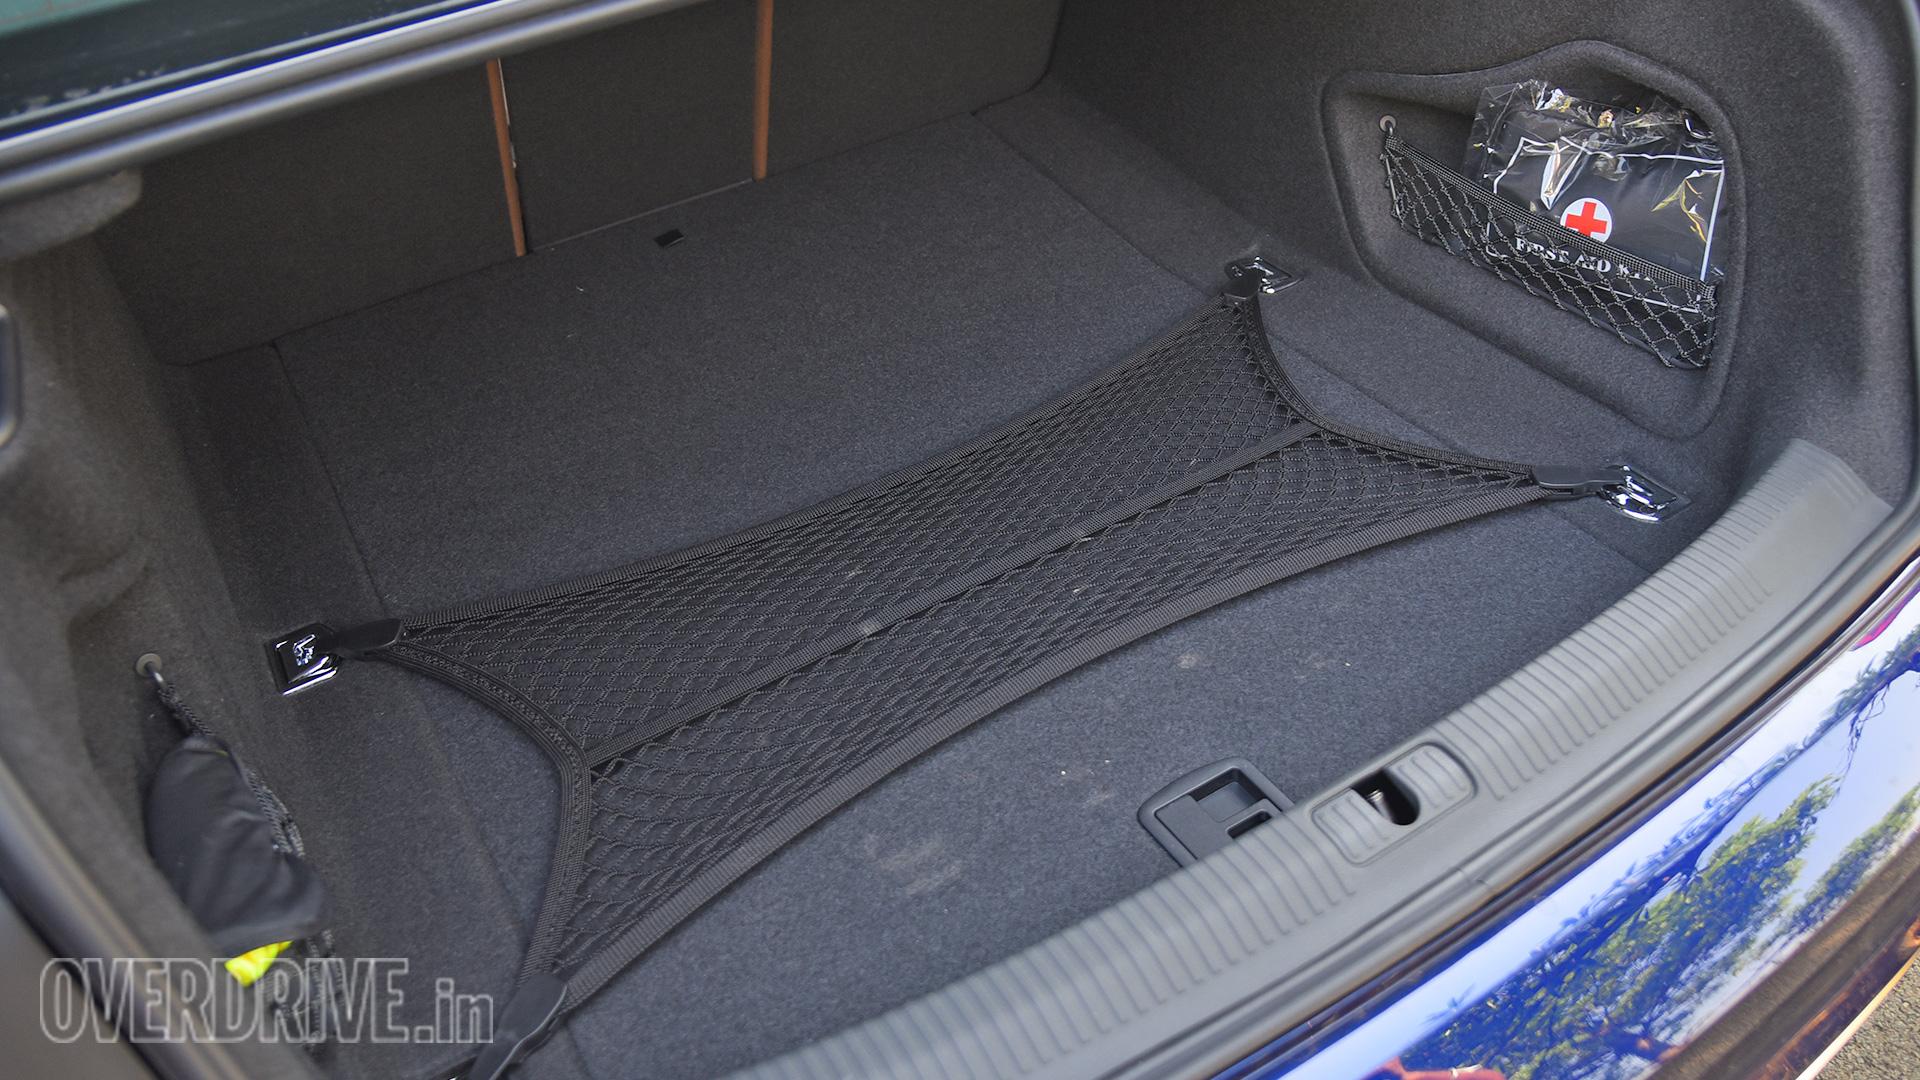 Audi A4 2021 40 TFSI Exterior